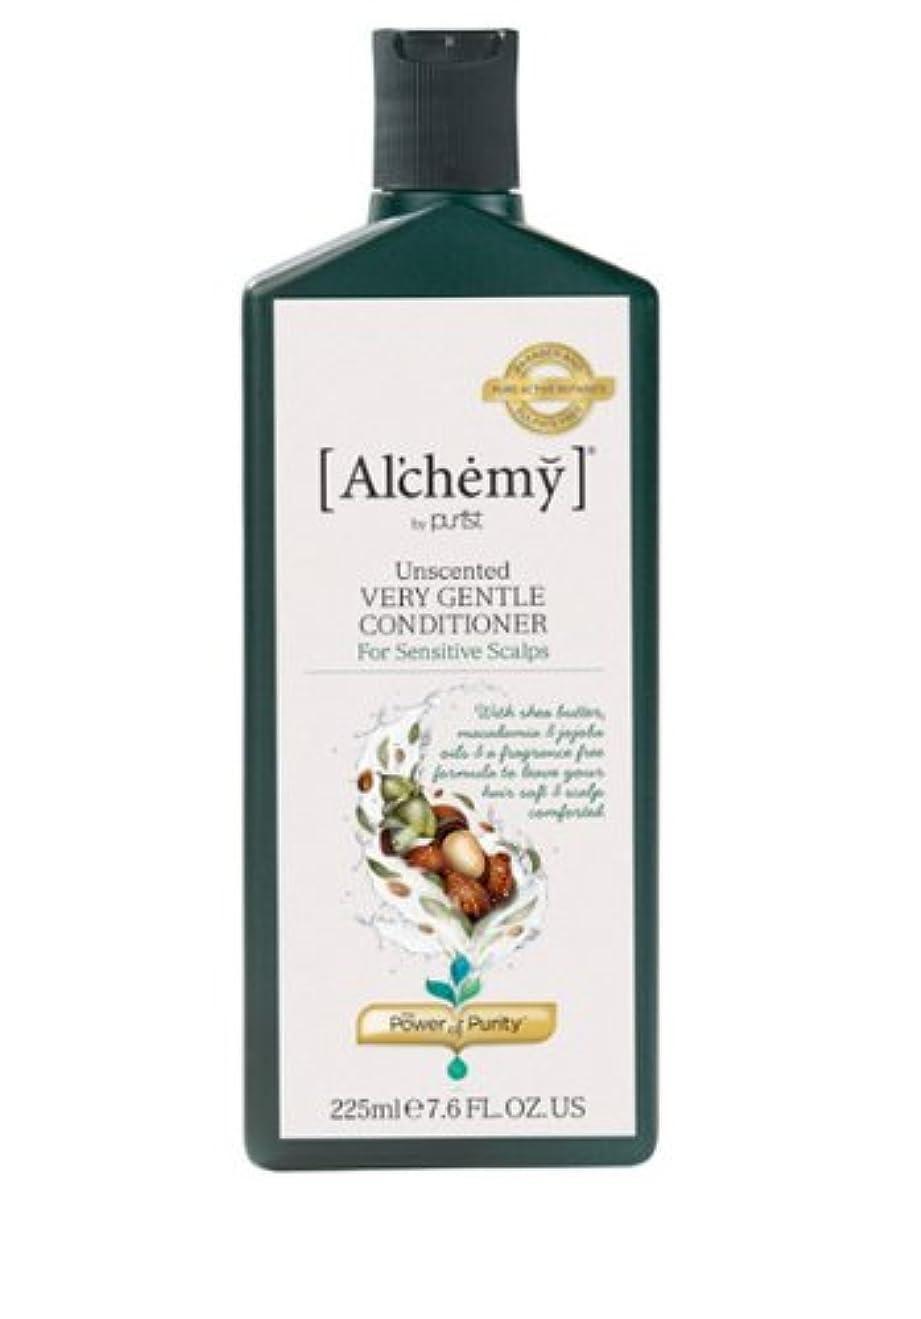 に投資物理学者【Al'chemy(alchemy)】アルケミー ベリージェントルコンディショナー(Unscented Very Gentle Conditioner)(敏感肌用)225ml